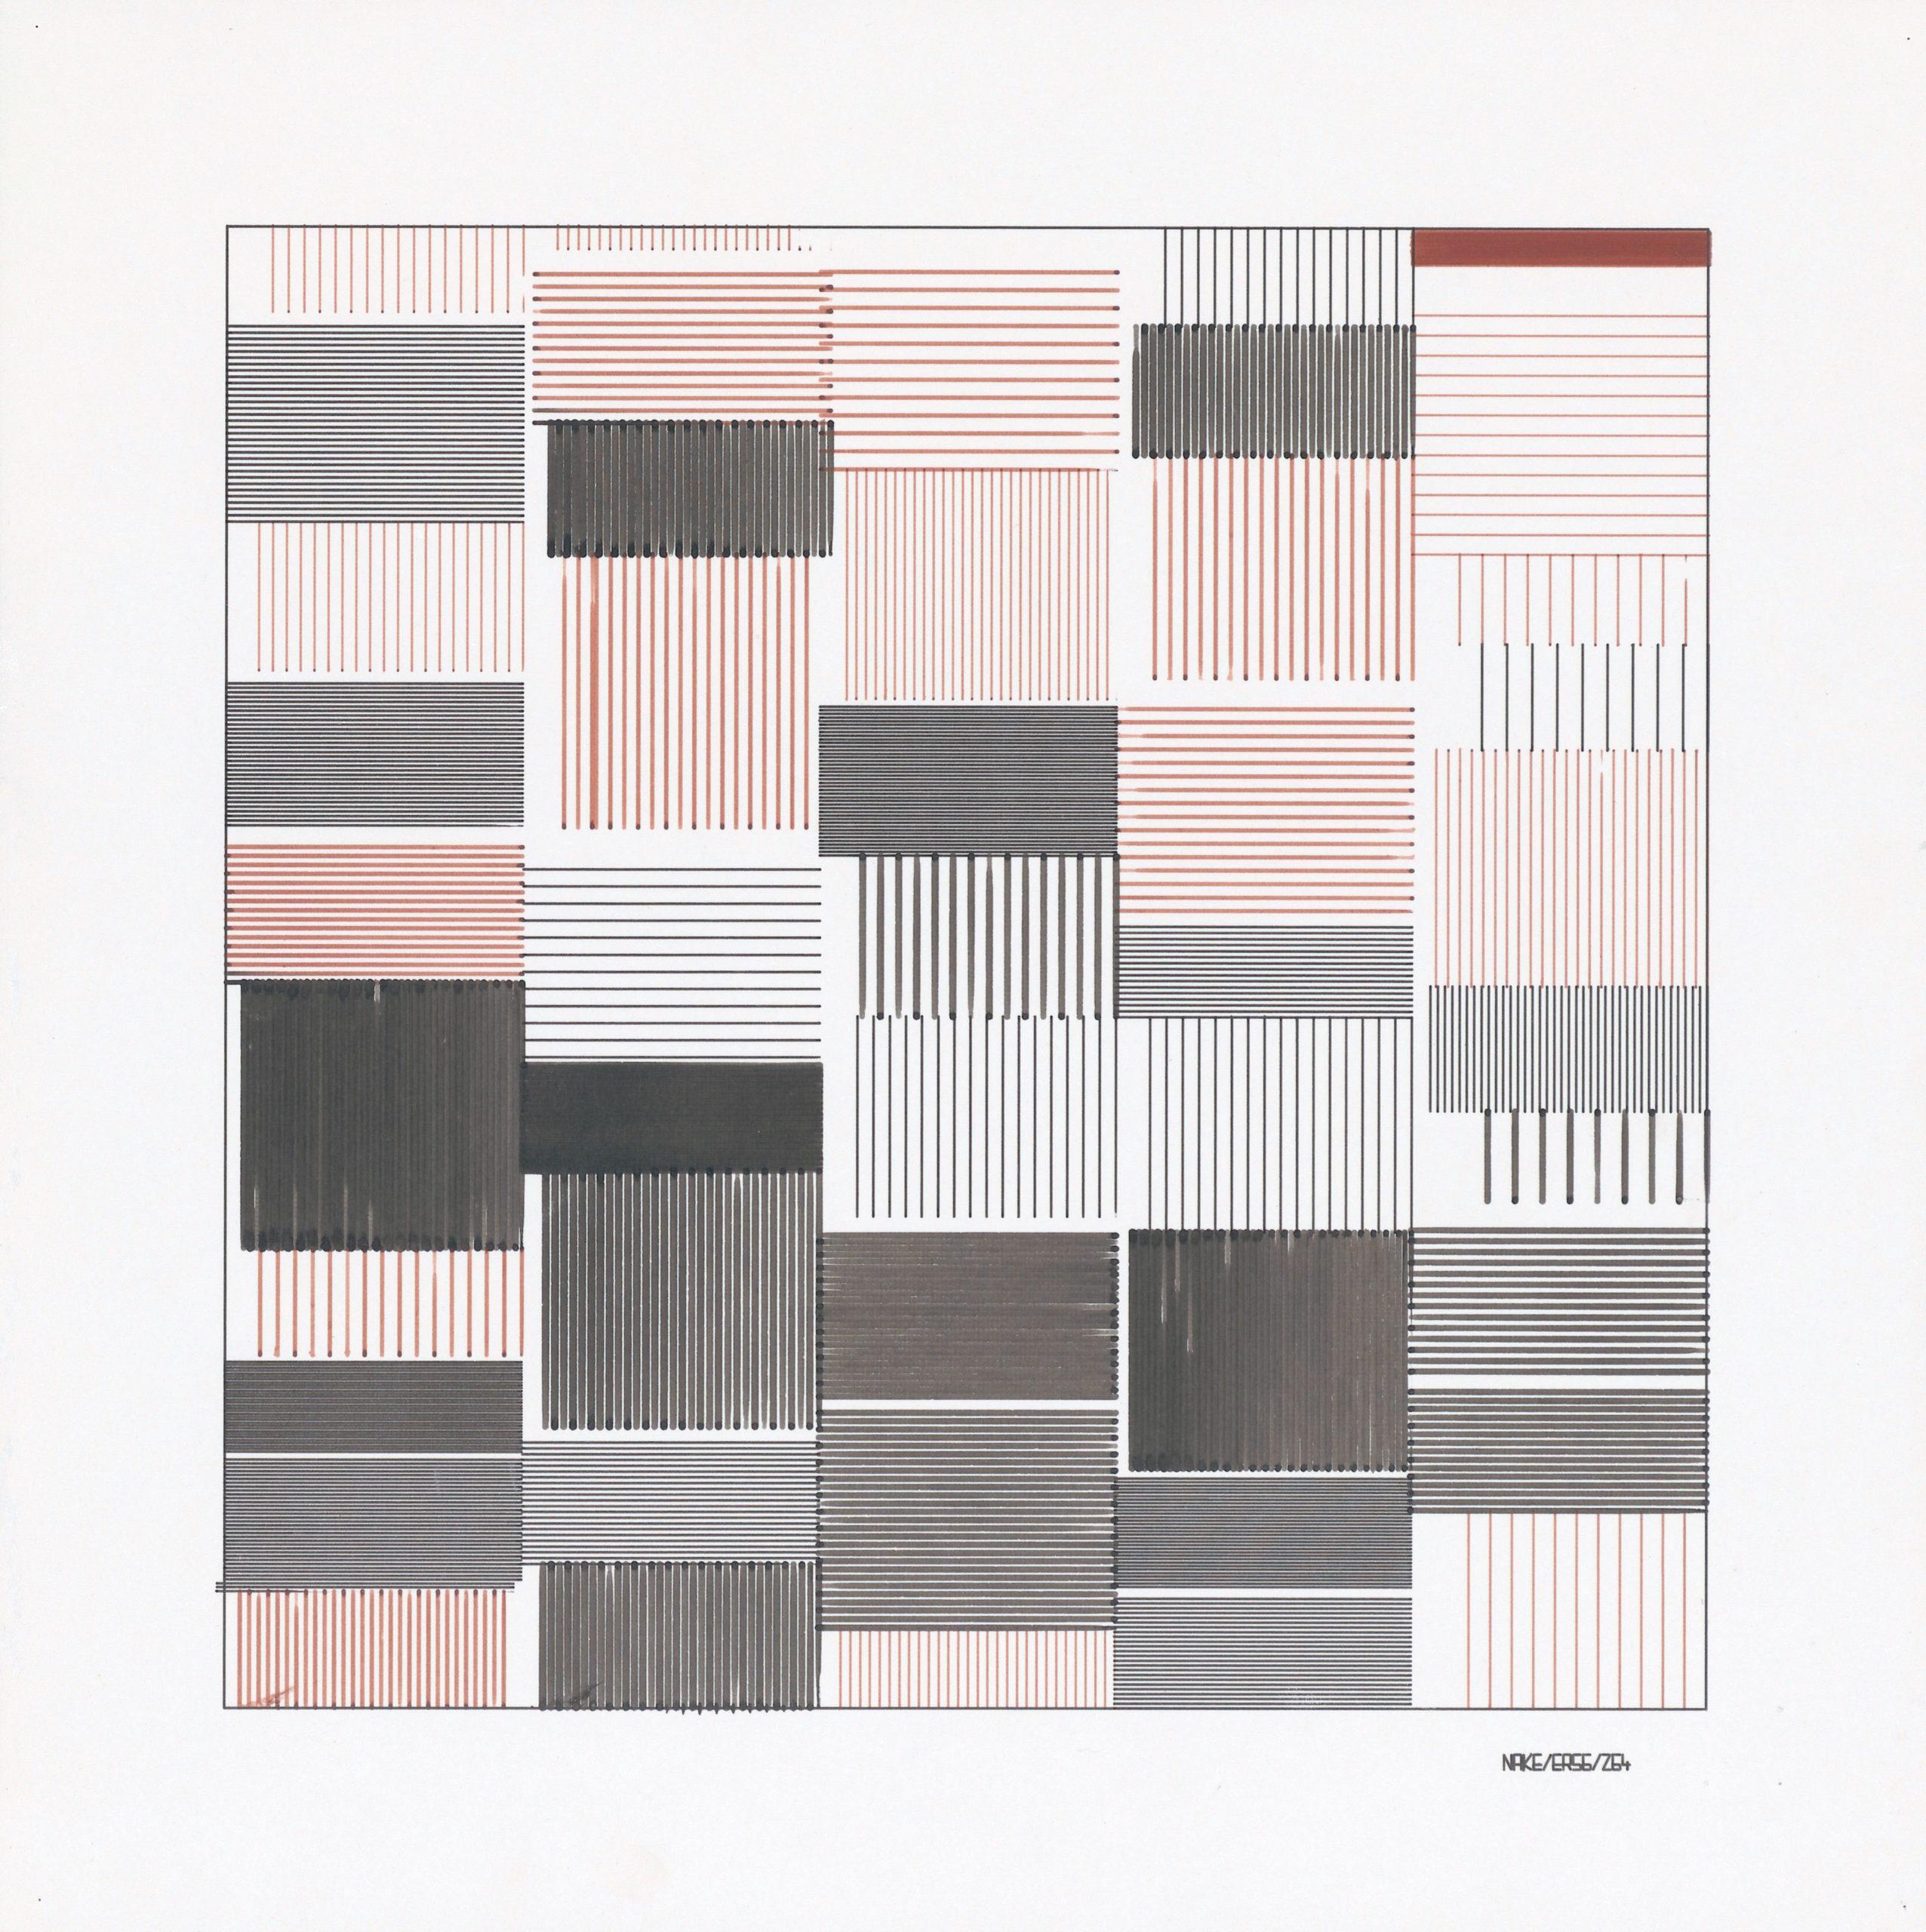 Frieder Nake, Ohne Titel, Plotterzeichnung, Tinte auf Papier, 30 x 30 cm, 1965